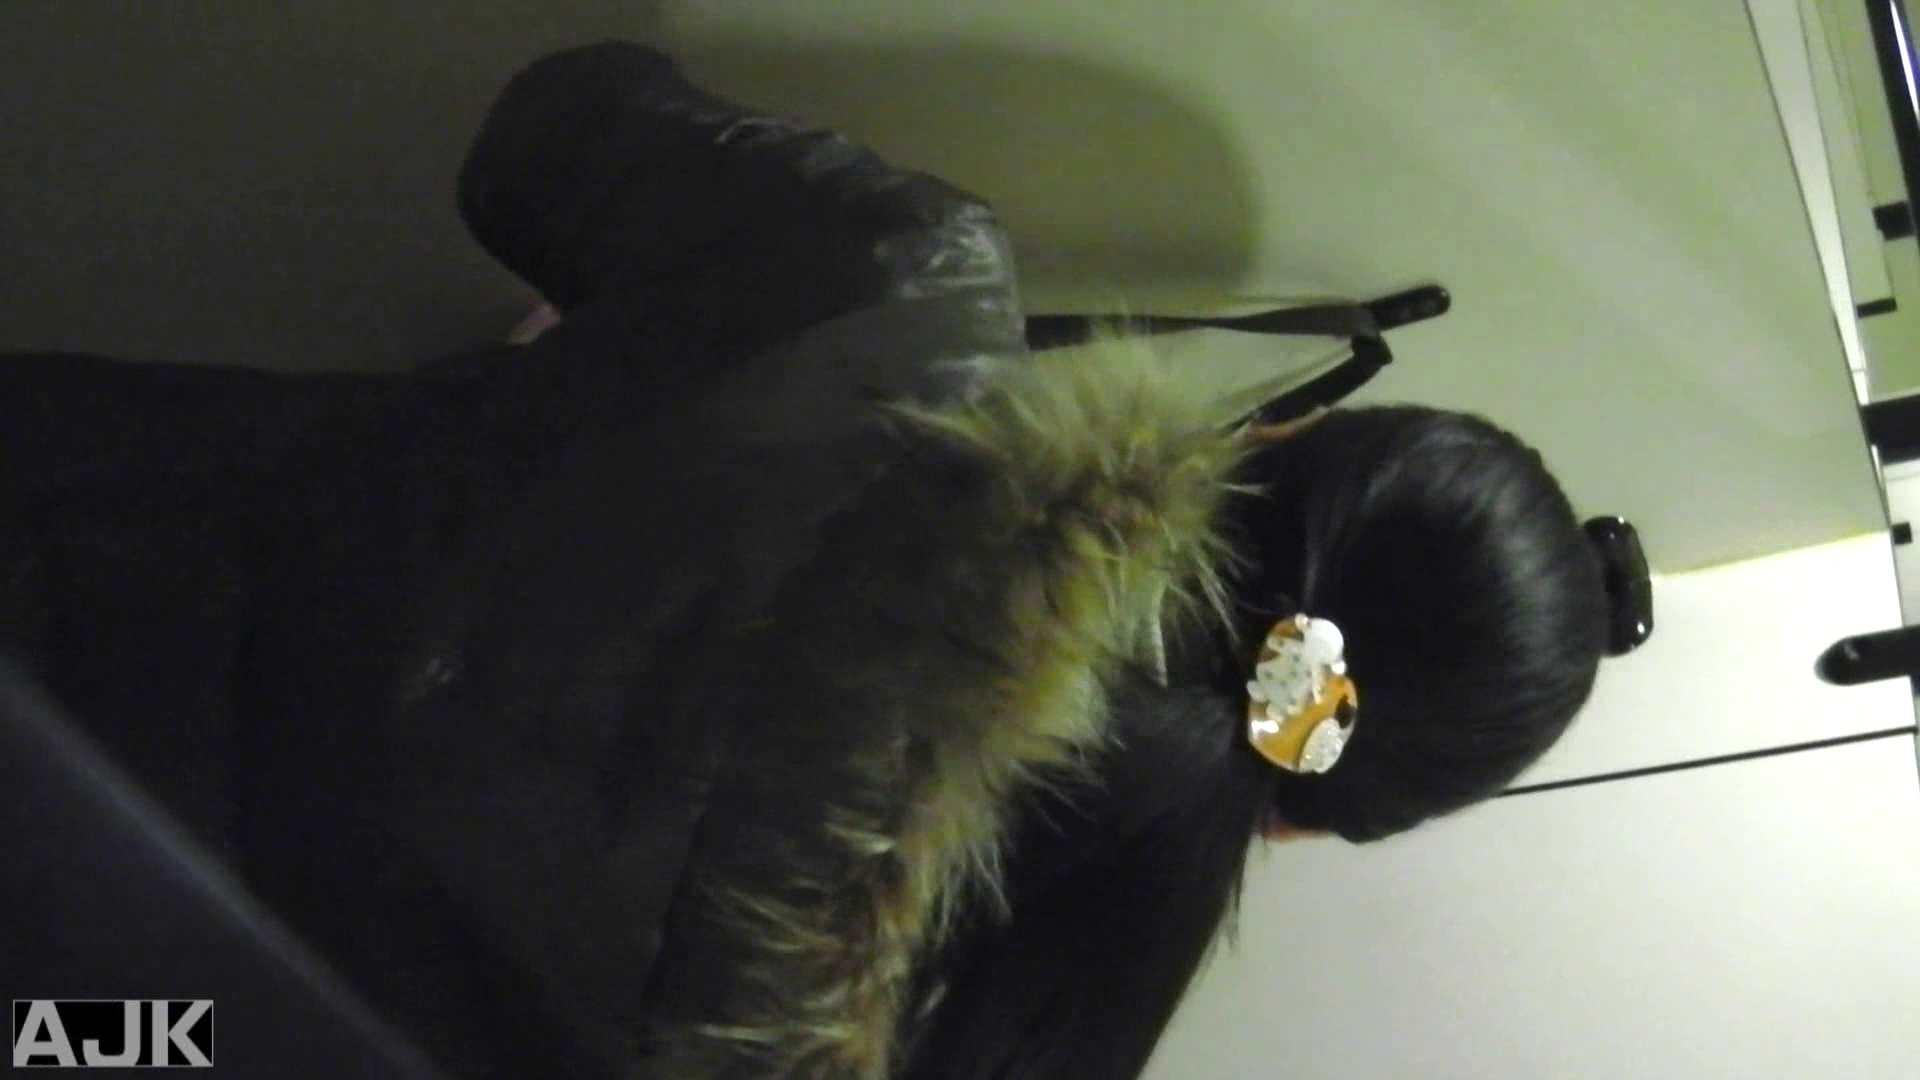 隣国上階級エリアの令嬢たちが集うデパートお手洗い Vol.18 便所で・・・ オメコ無修正動画無料 23画像 6